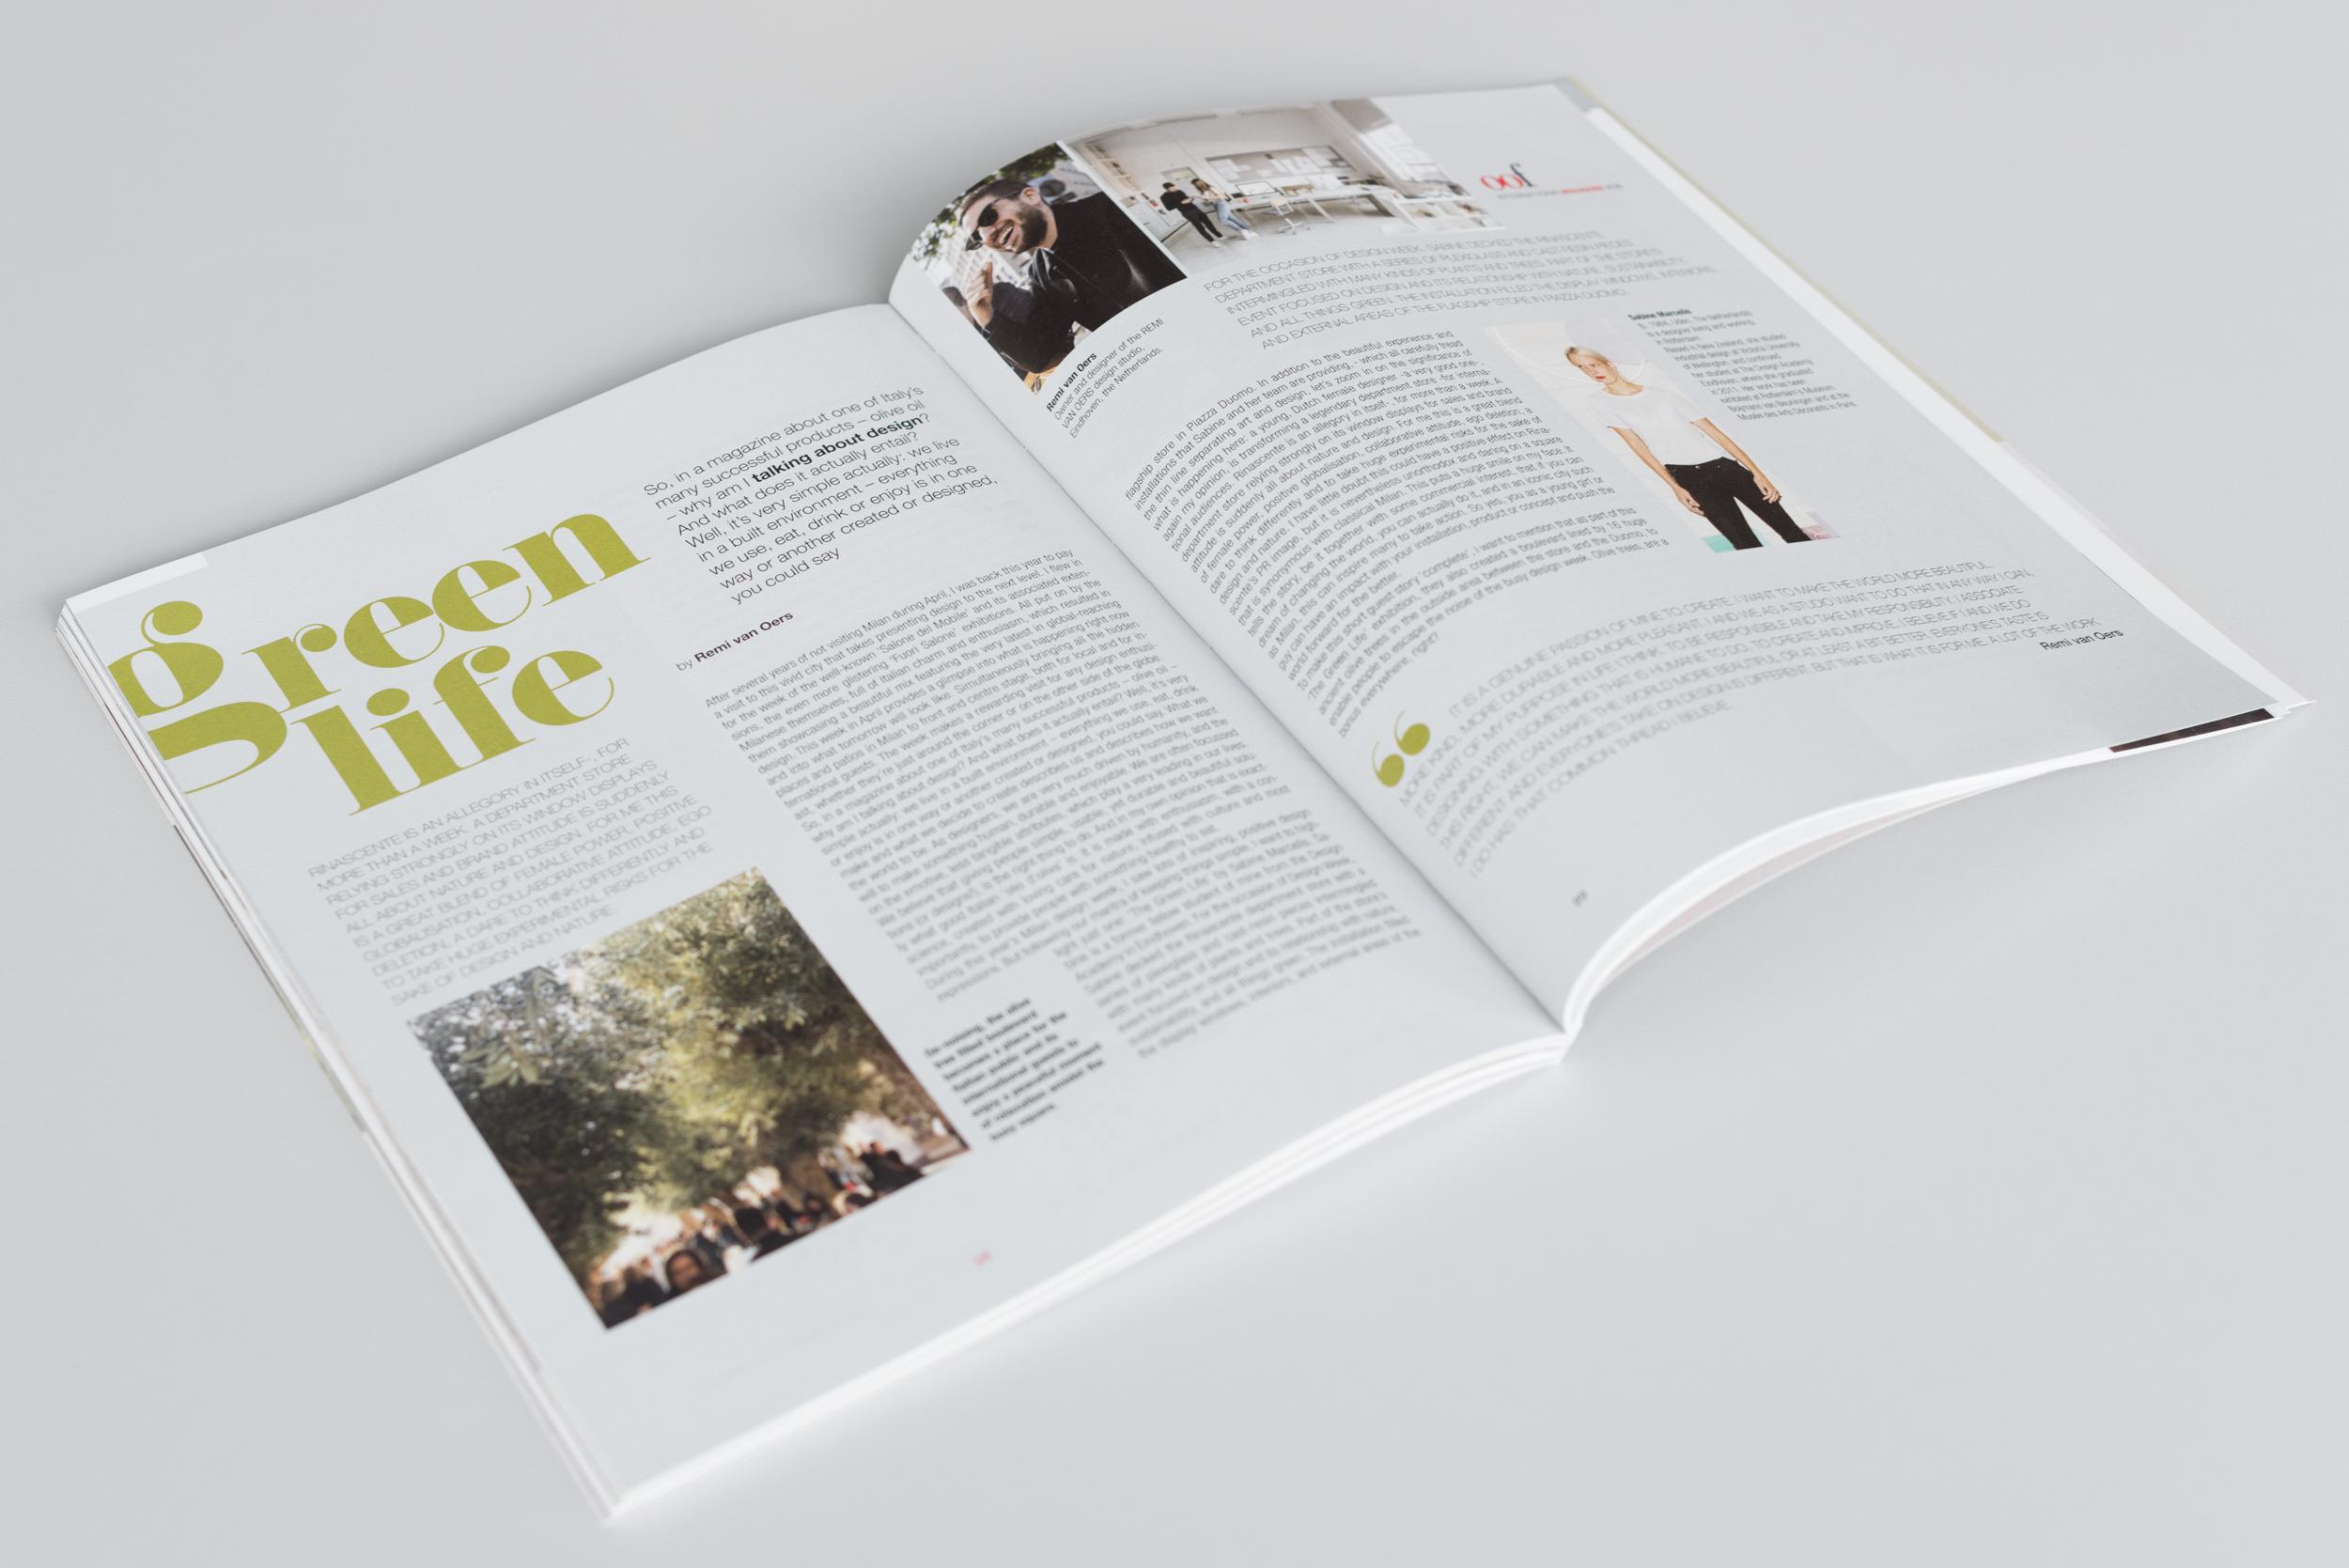 OLIOOFFICINA -OOF- Olio Officina magazine Remi van Oers 3.jpg